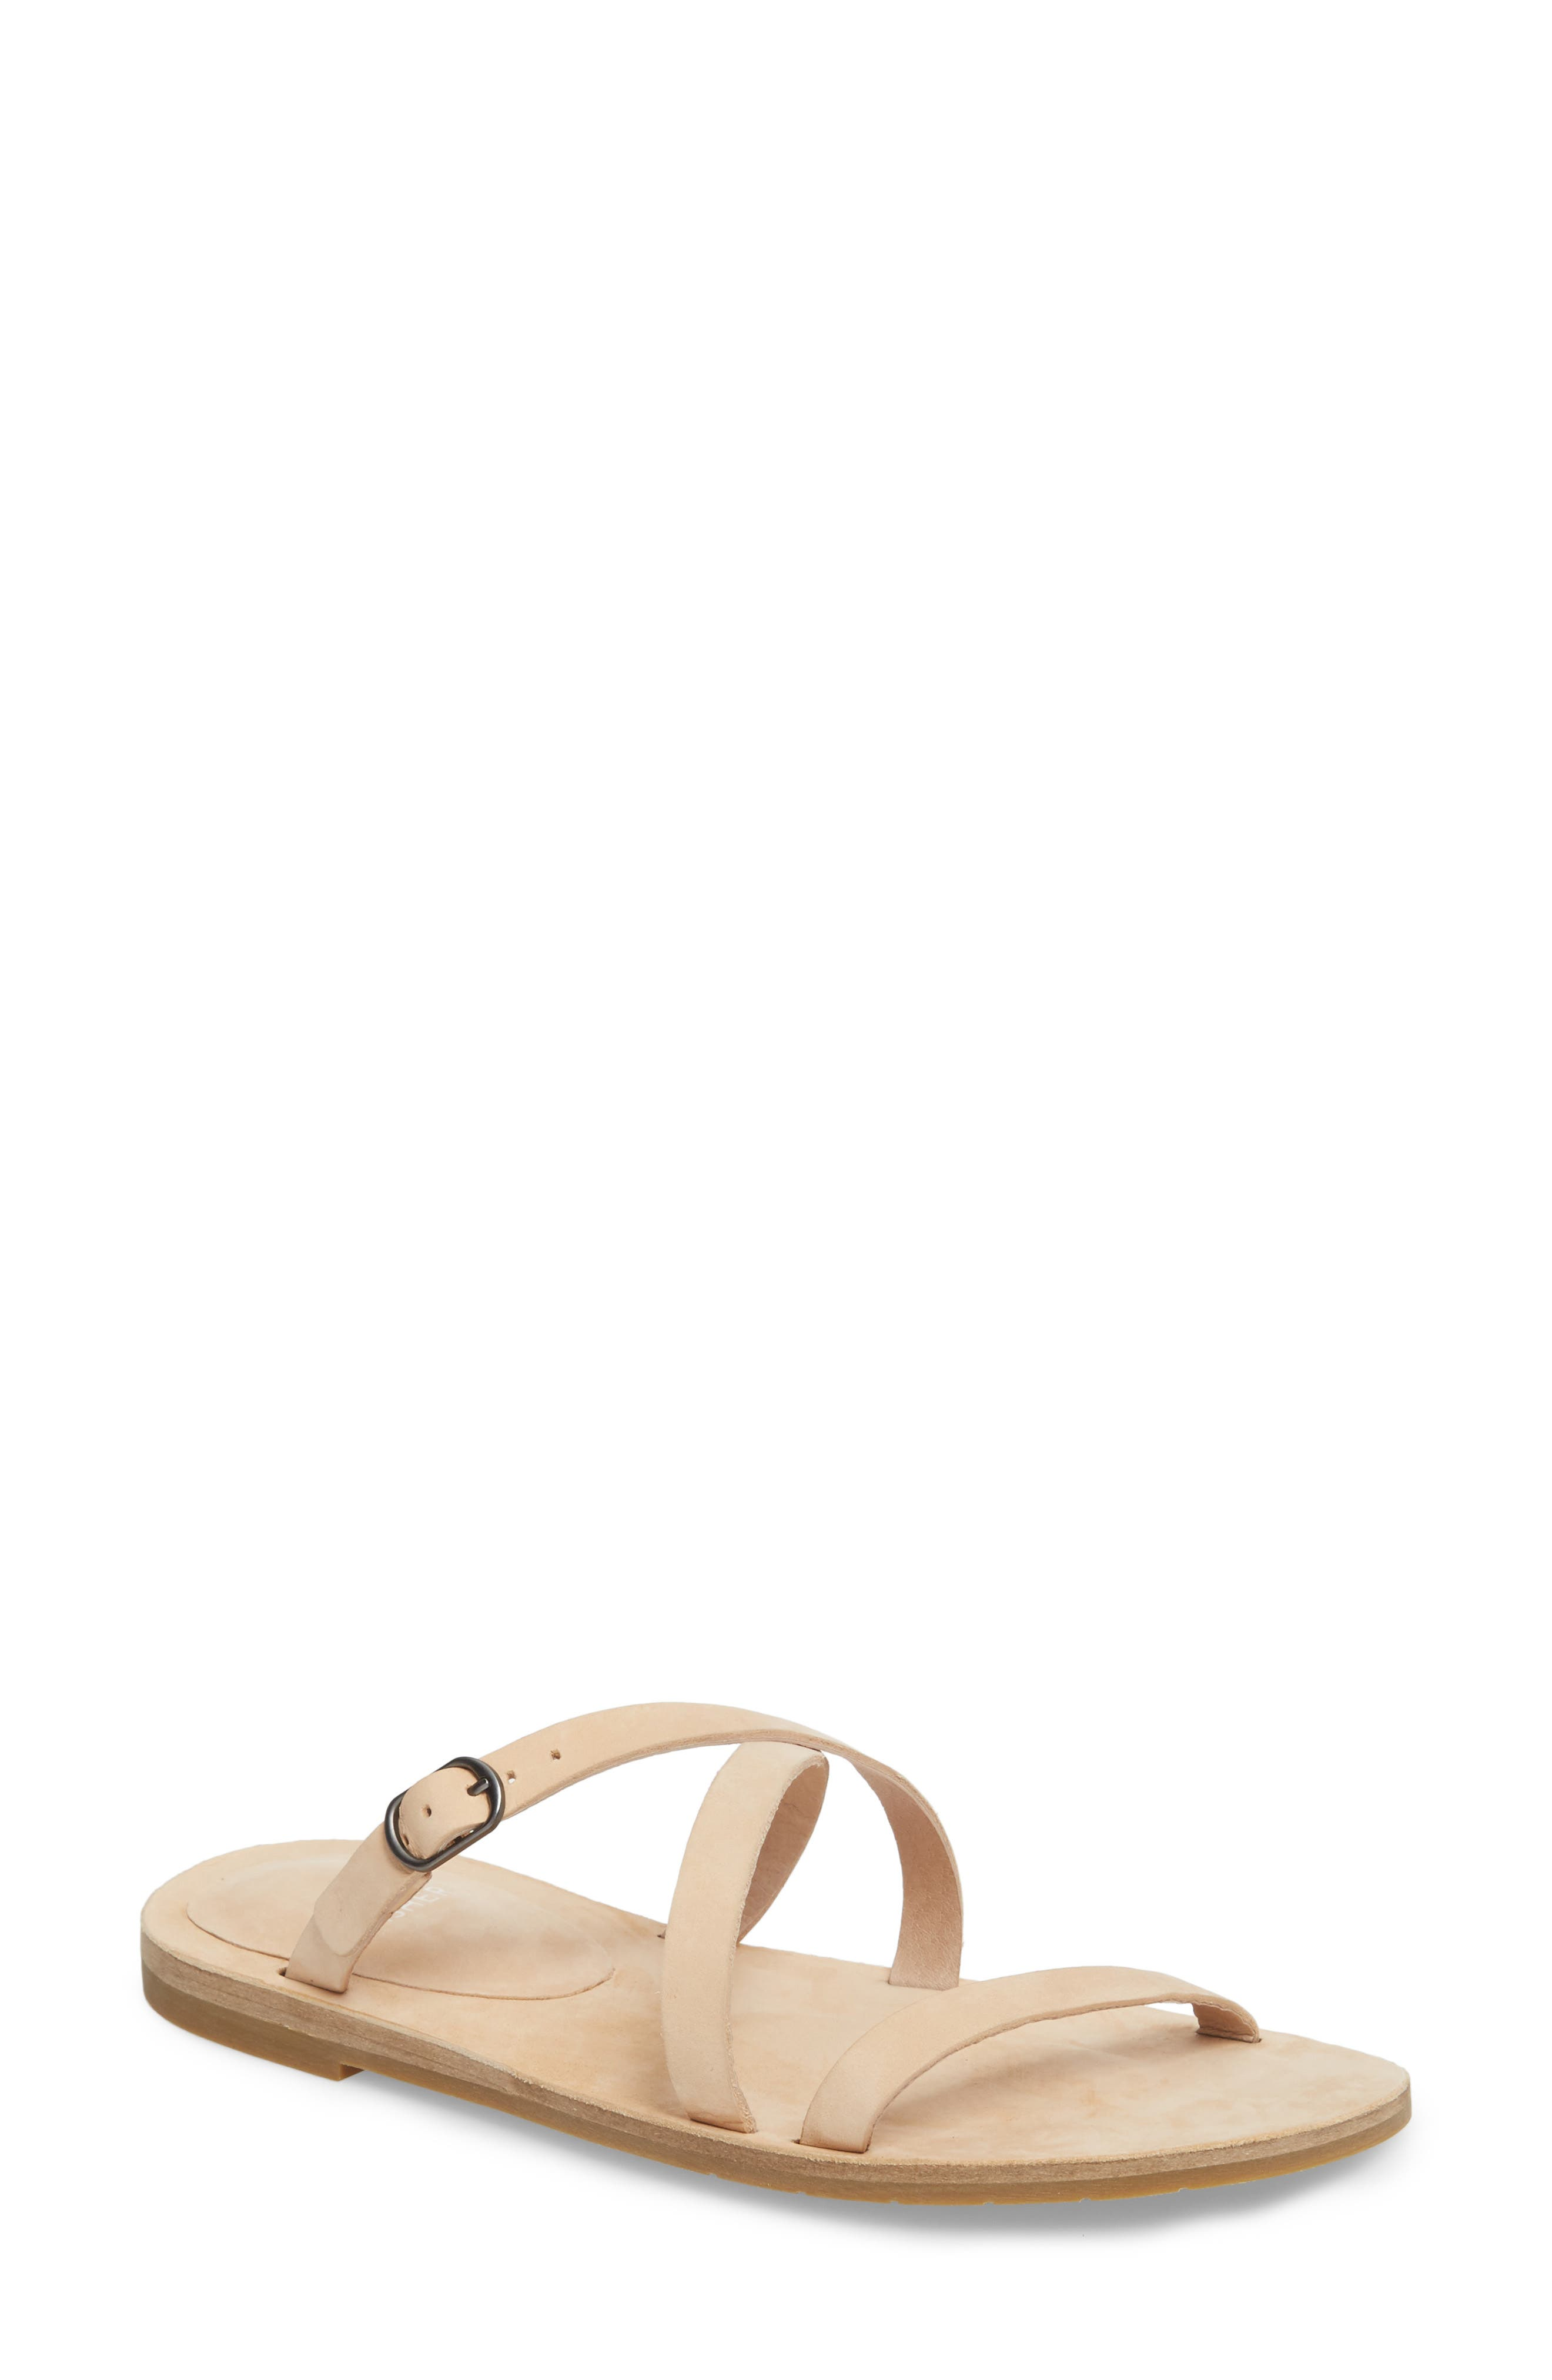 Dali Strappy Slide Sandal,                         Main,                         color, Cream Nubuck